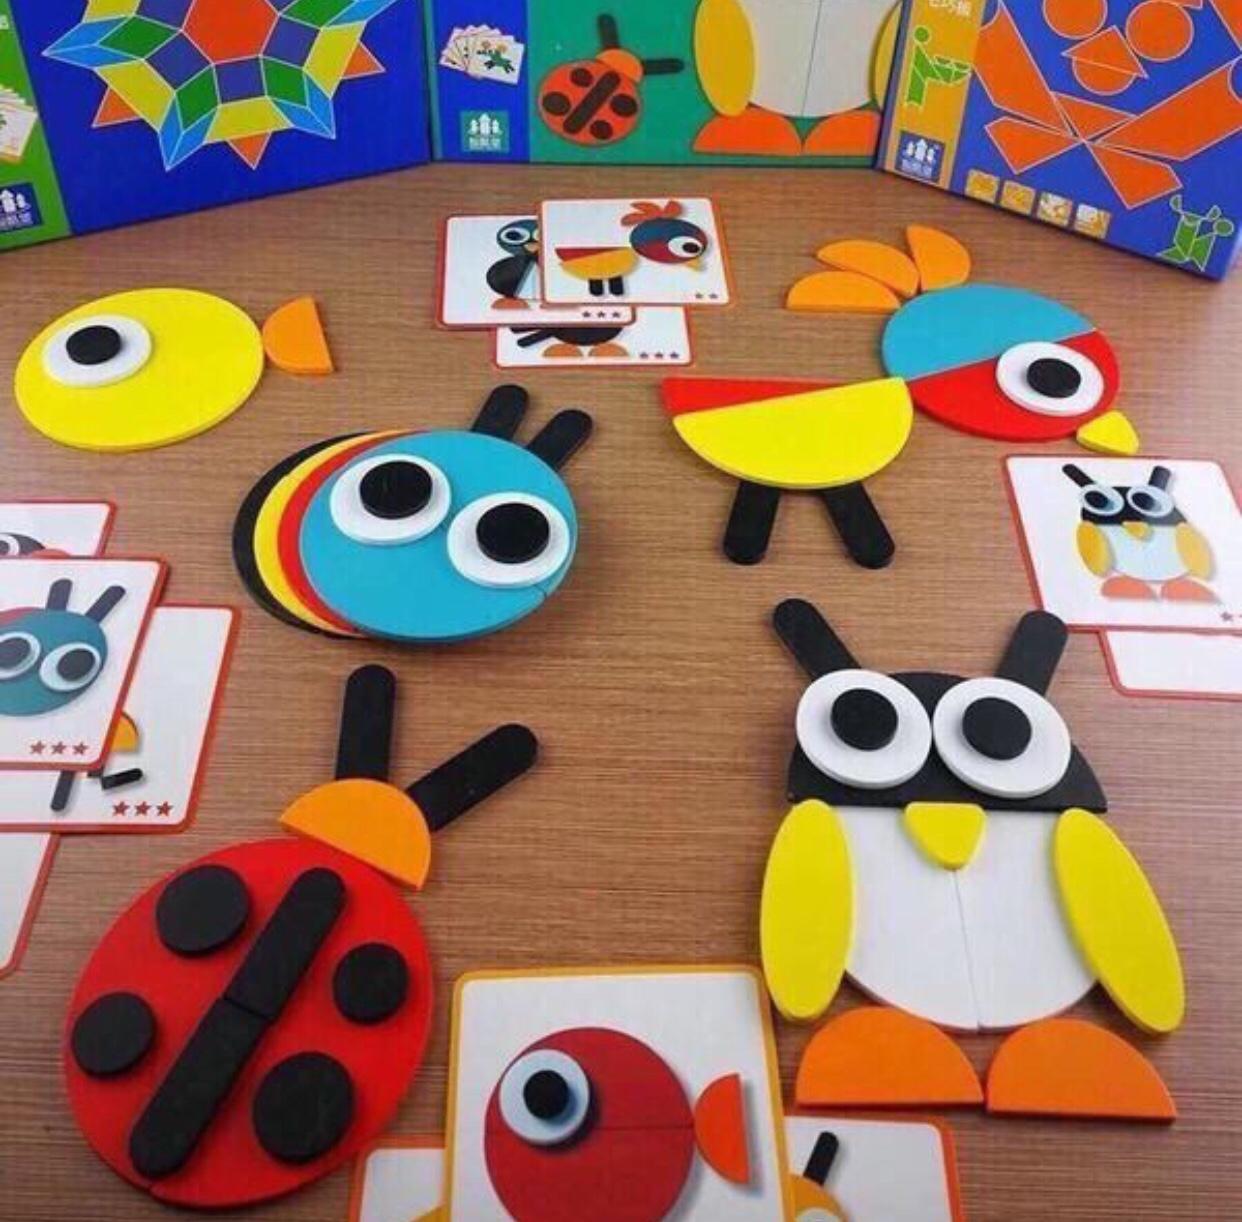 Trò chơi Tangram xếp hình giúp phát triển sự sáng tạo cho bé